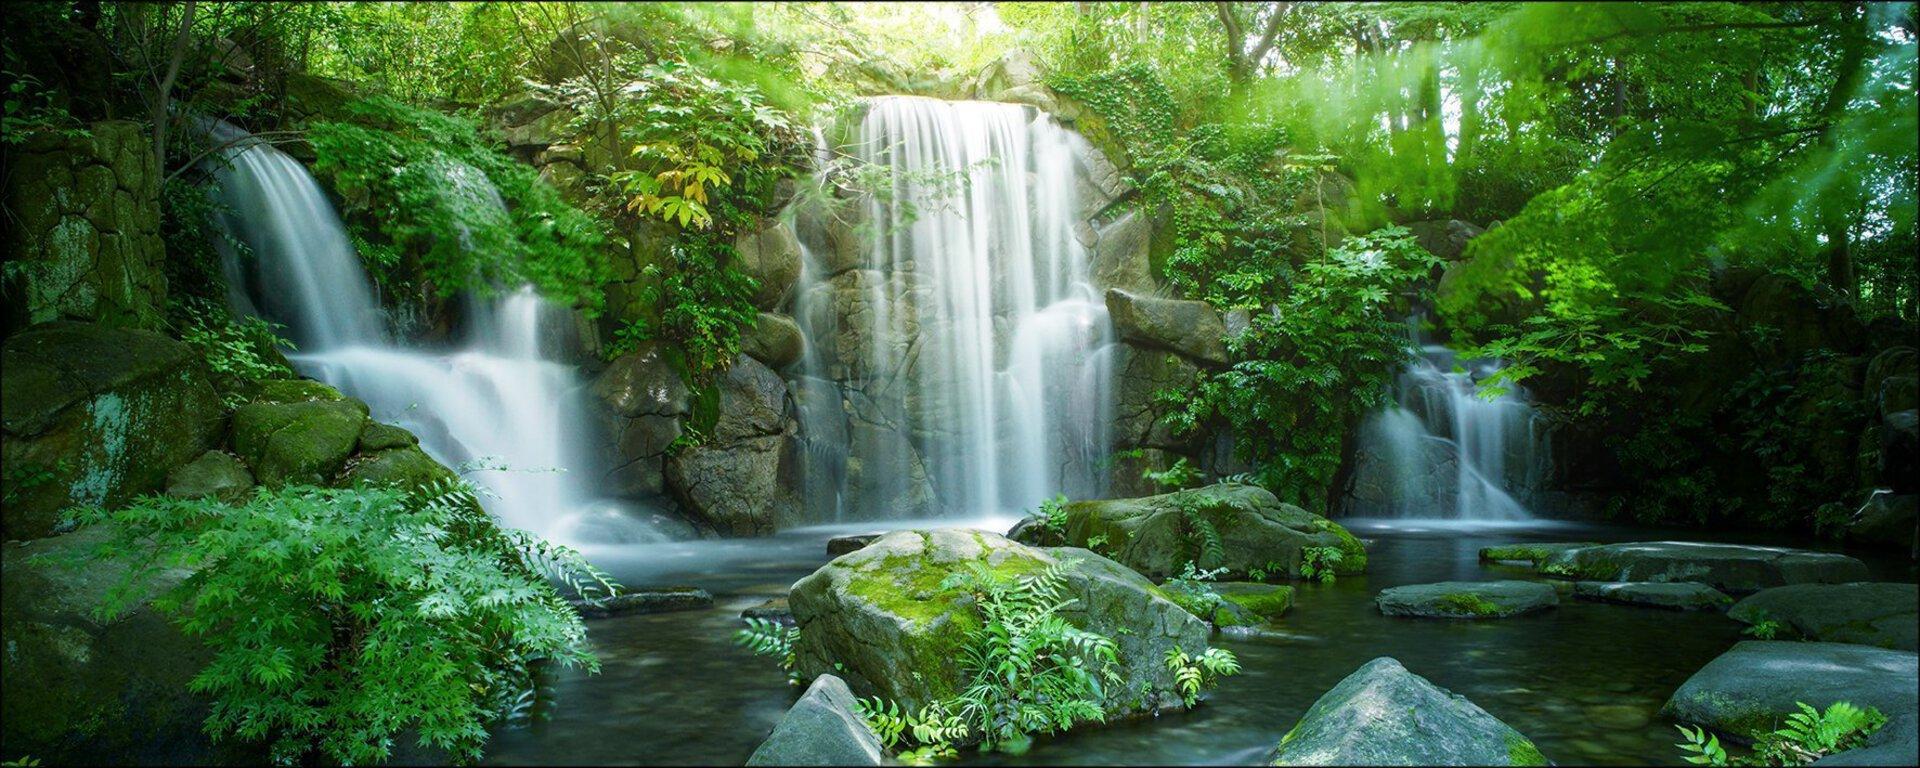 Bild Waterfall In Paradise Pro-Art Glas mehrfarbig 80 x 30 x 1 cm